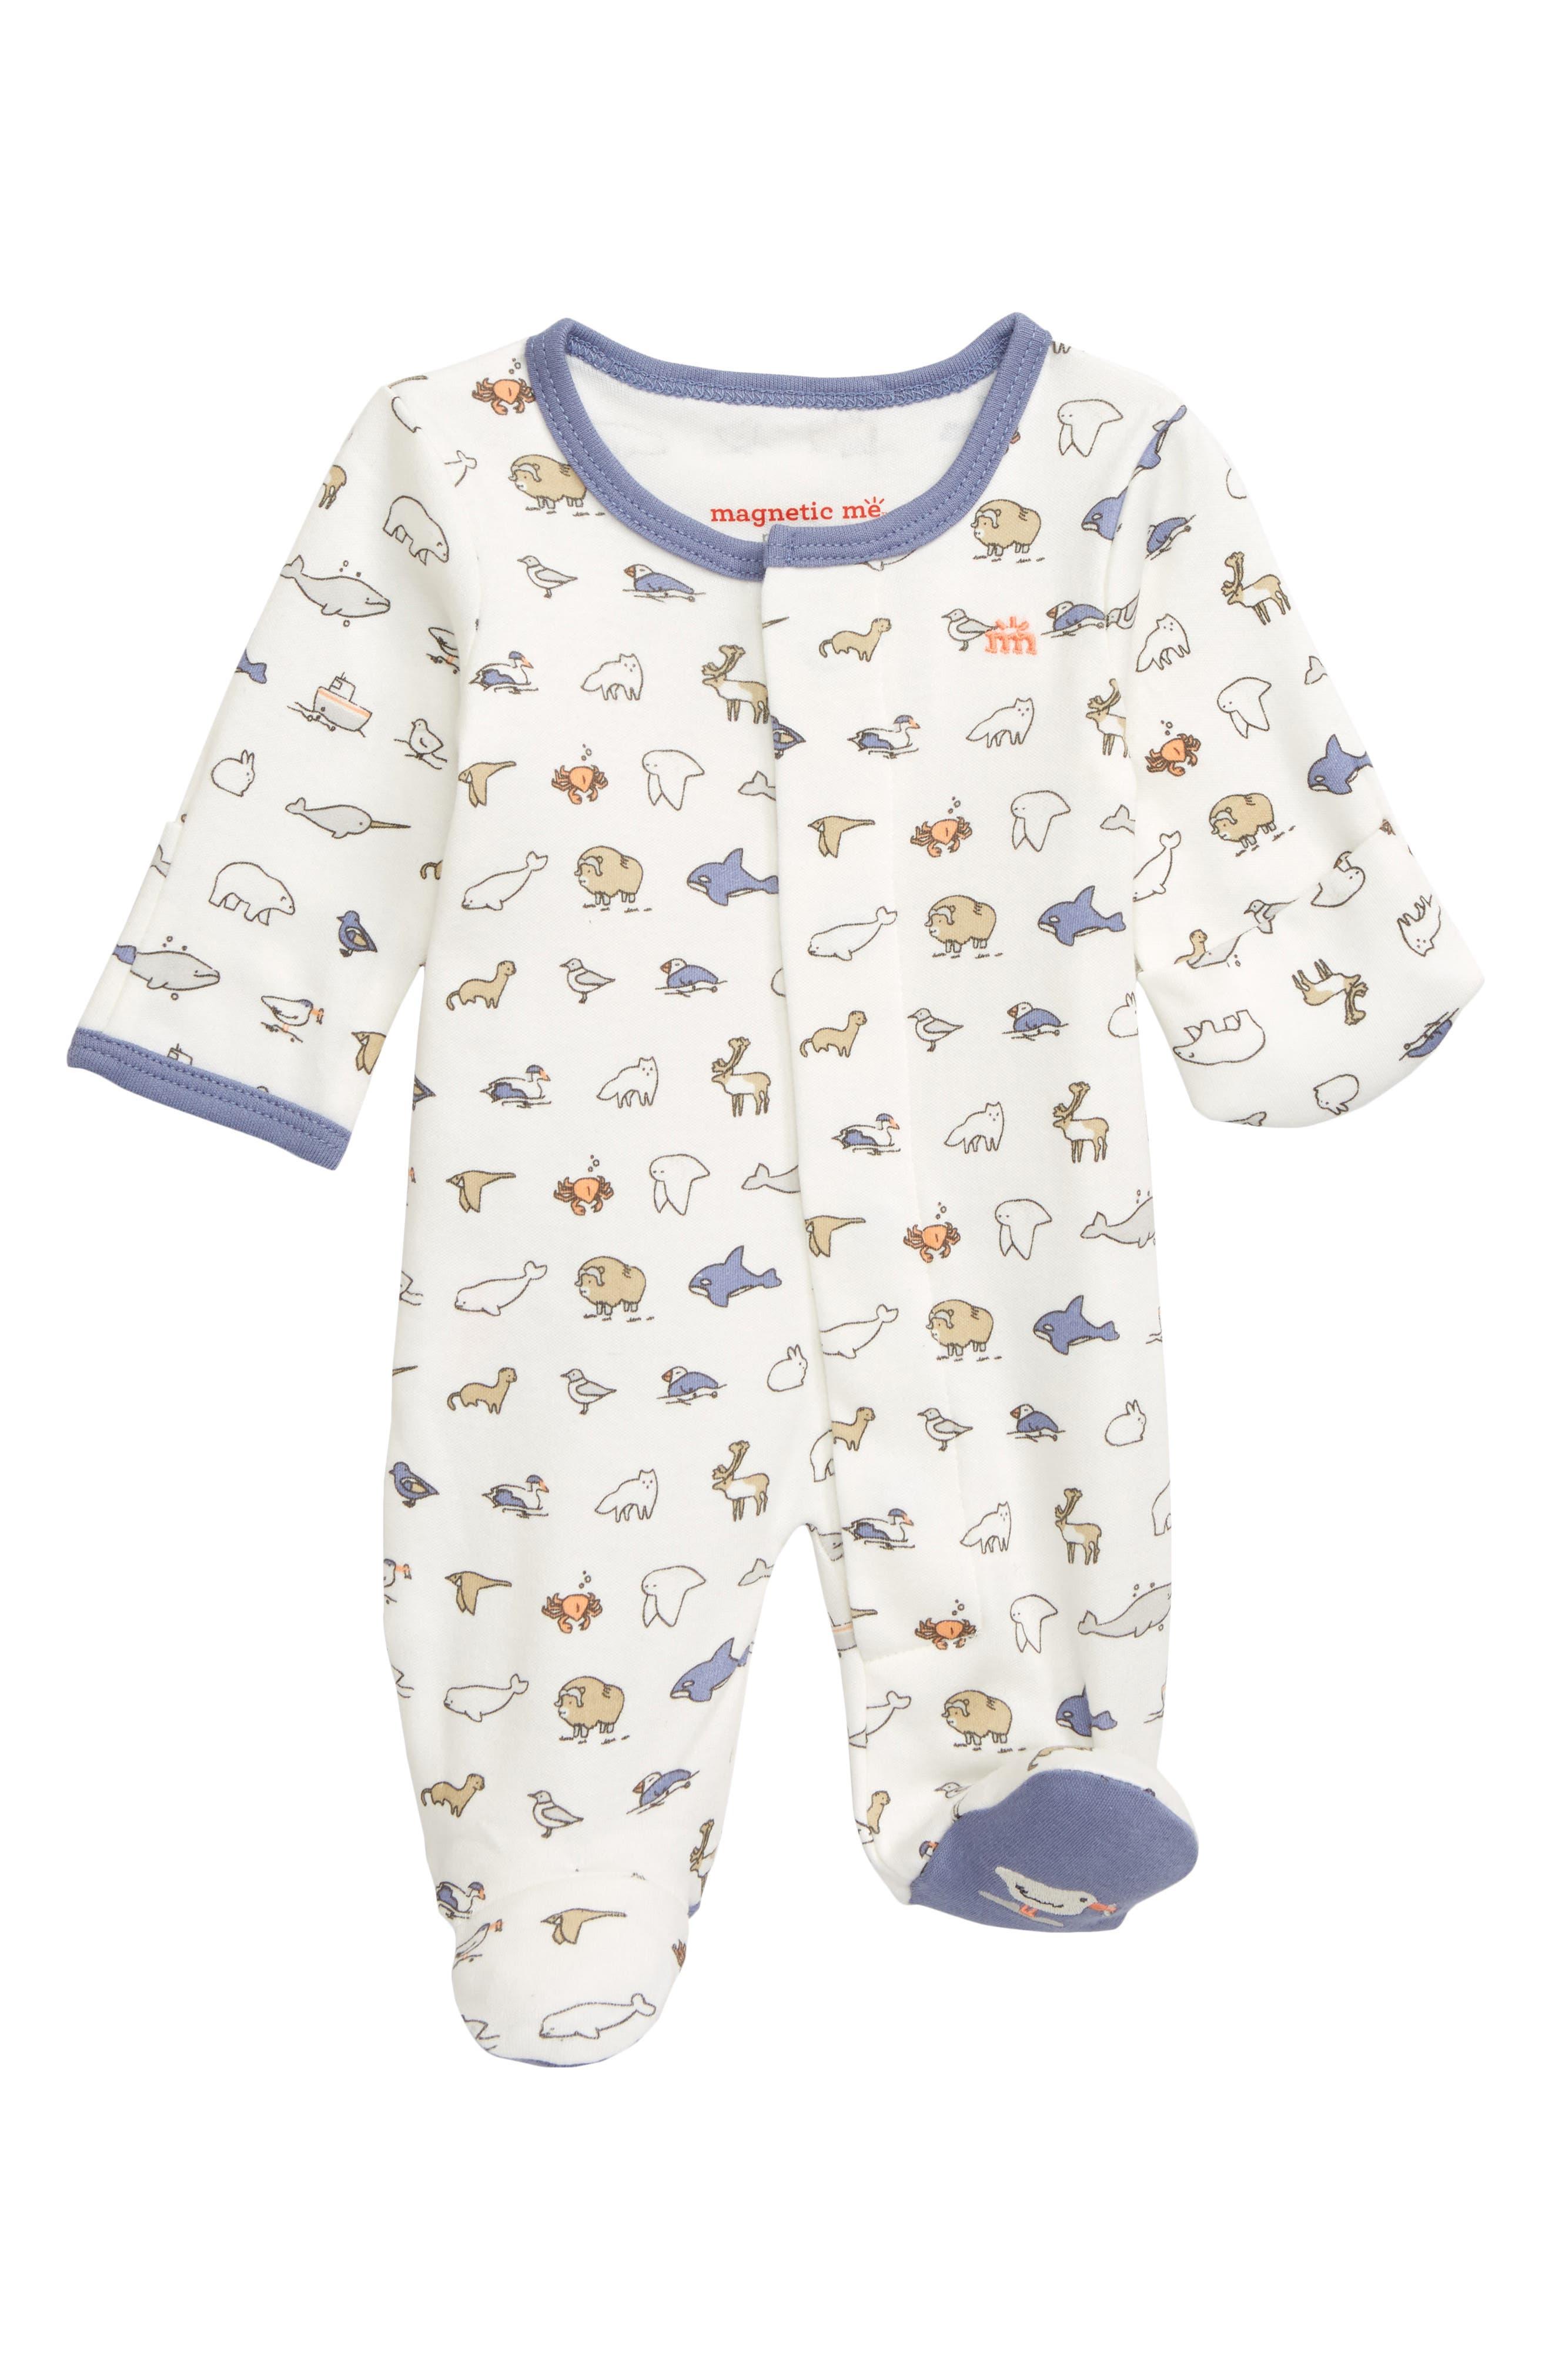 Infant Boys Magnetic Me Glacier Bay Organic Cotton Footie Size 1824M  Blue